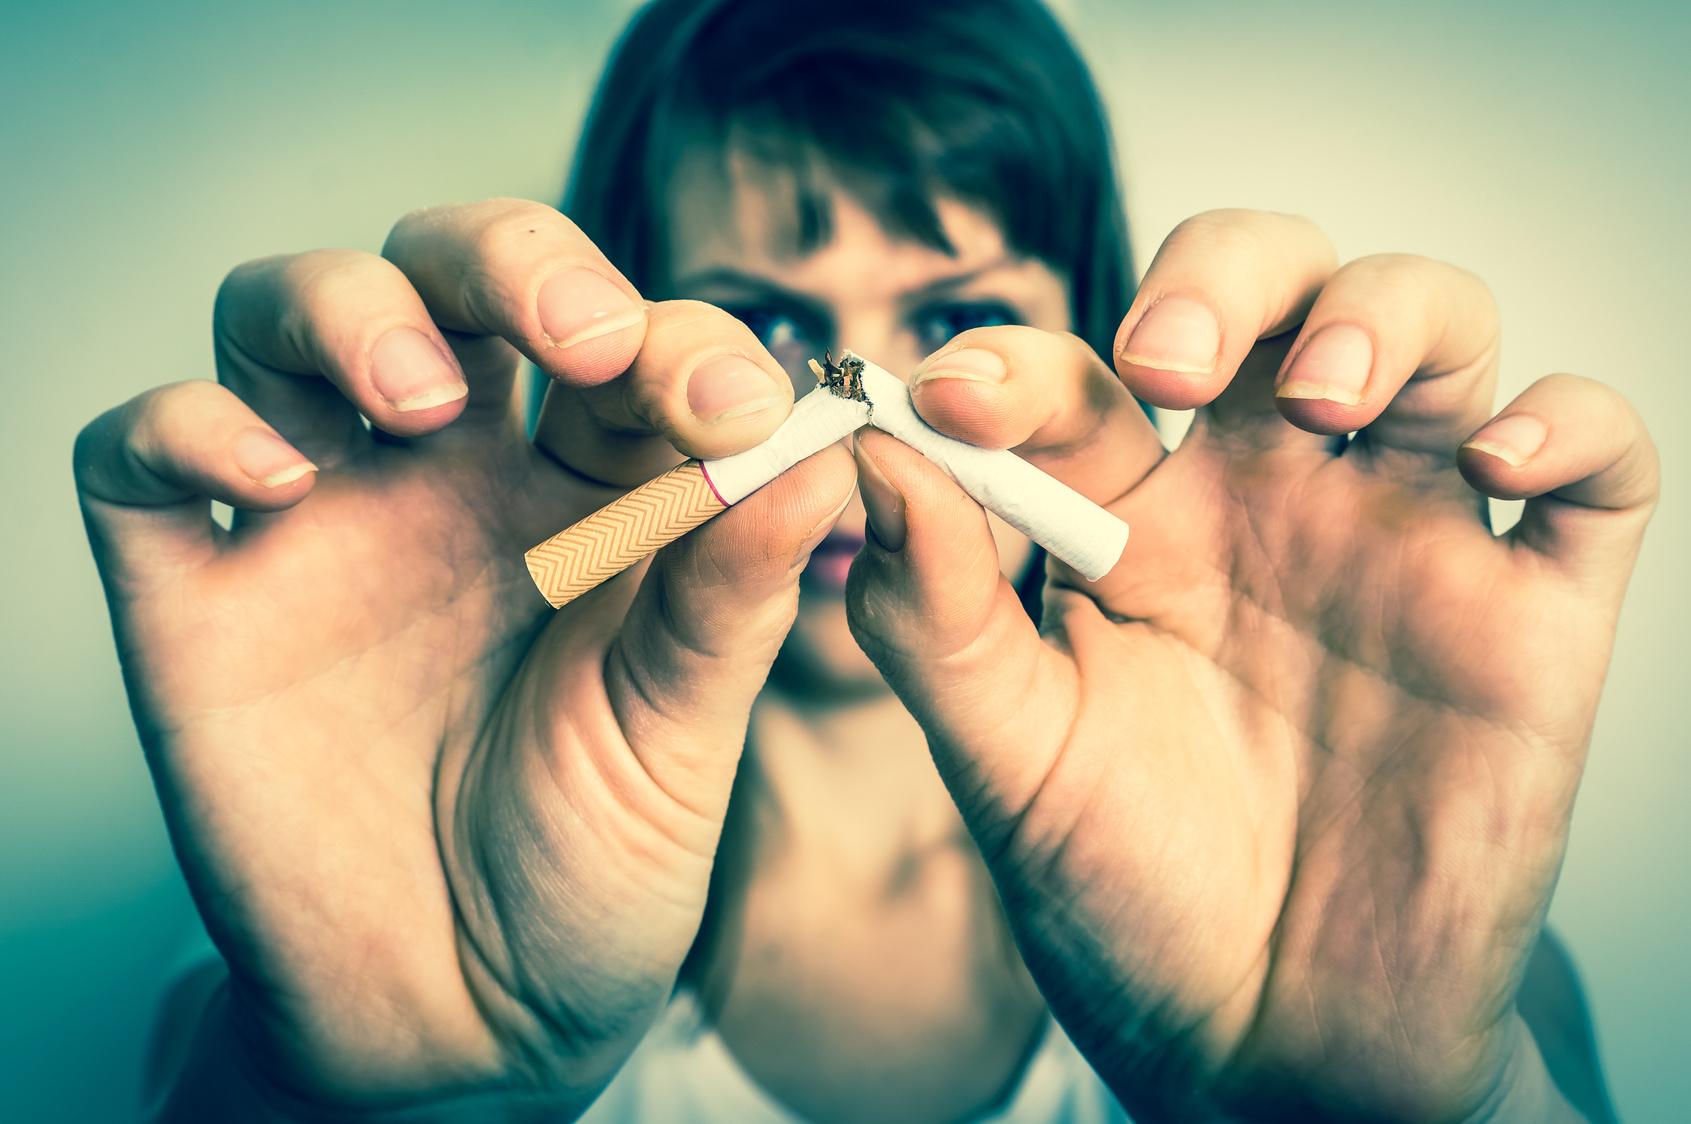 Ärzteschaft fordert Richtungswechsel bei Tabak-Prävention